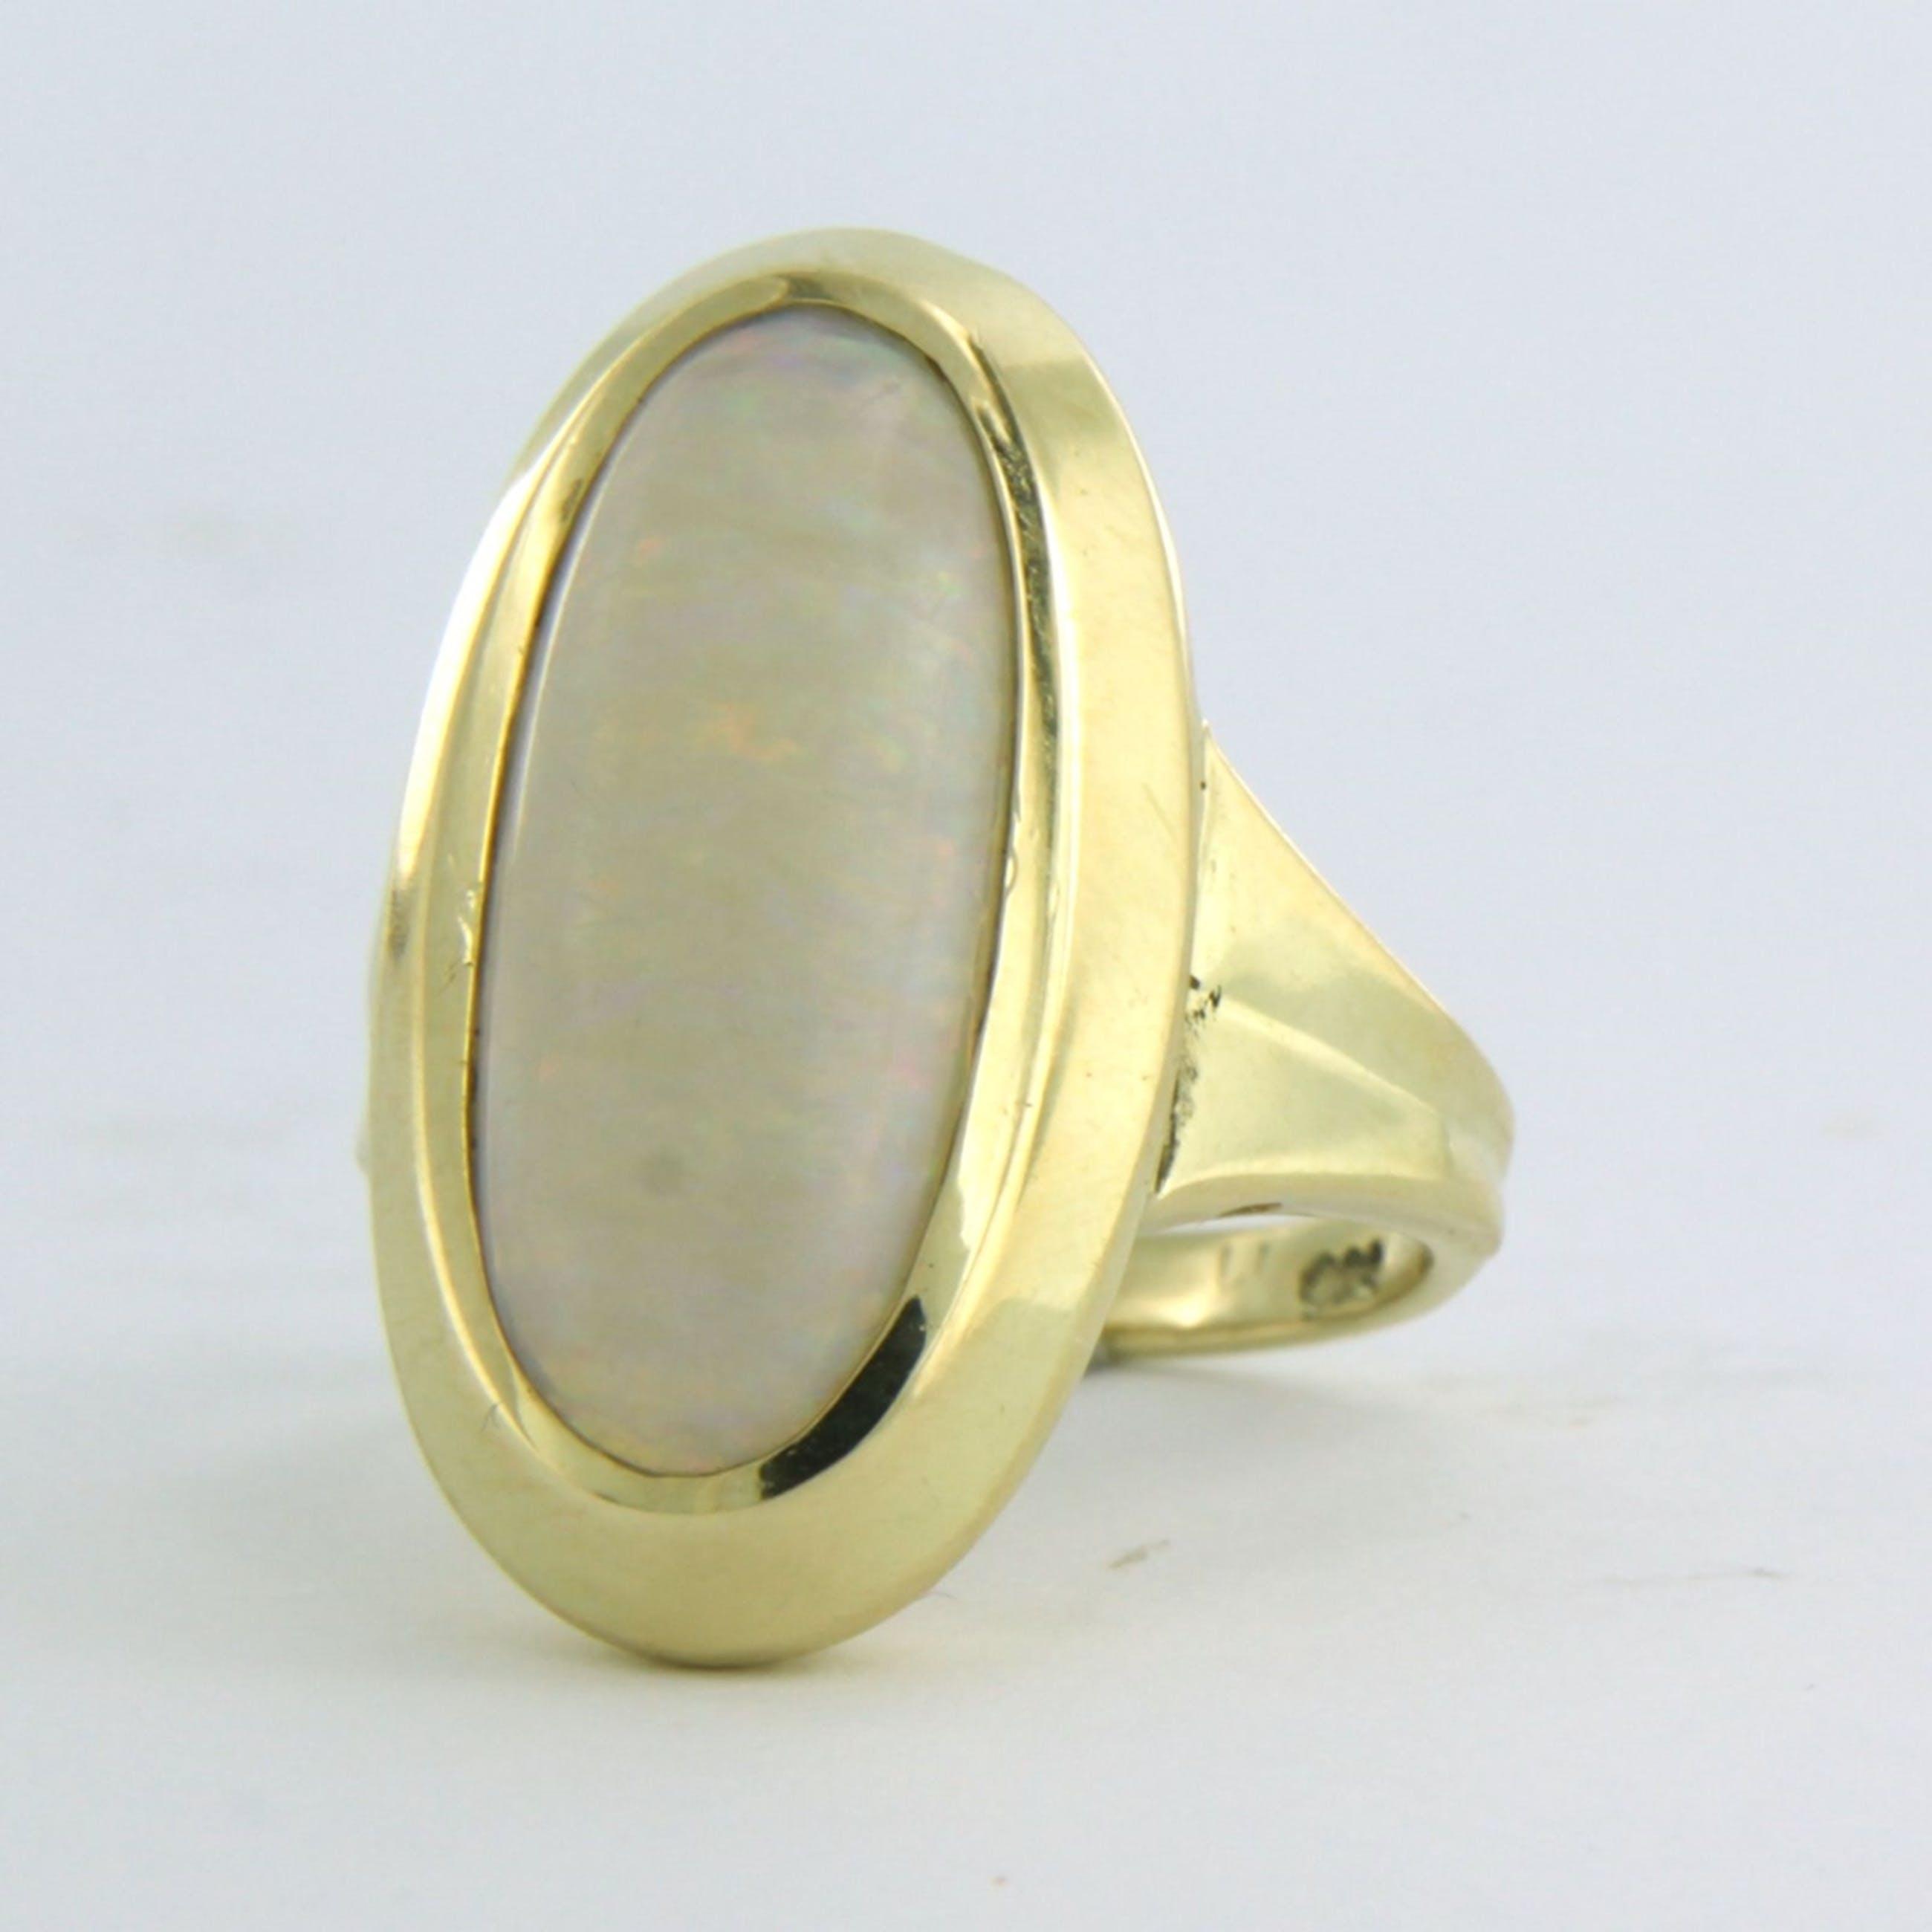 14k geel gouden ring bezet met opaal - rm 15,75(49) kopen? Bied vanaf 250!